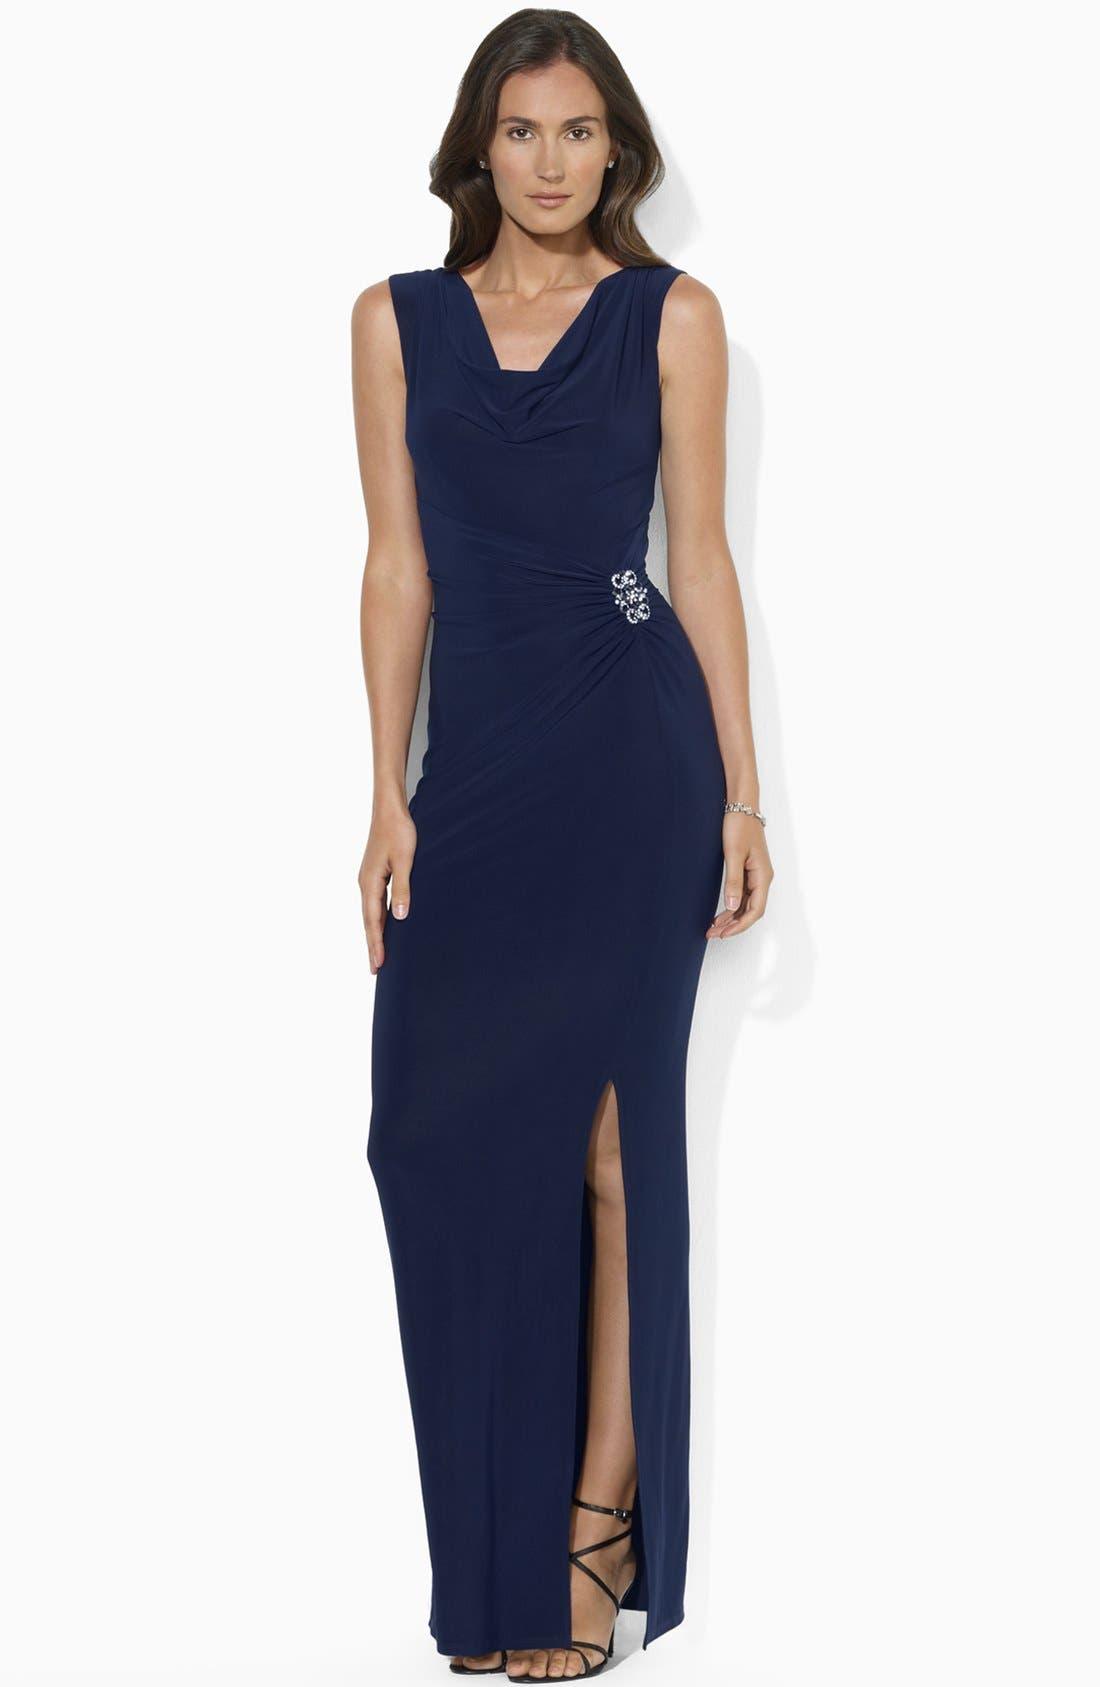 Alternate Image 1 Selected - Lauren Ralph Lauren Embellished Jersey Gown